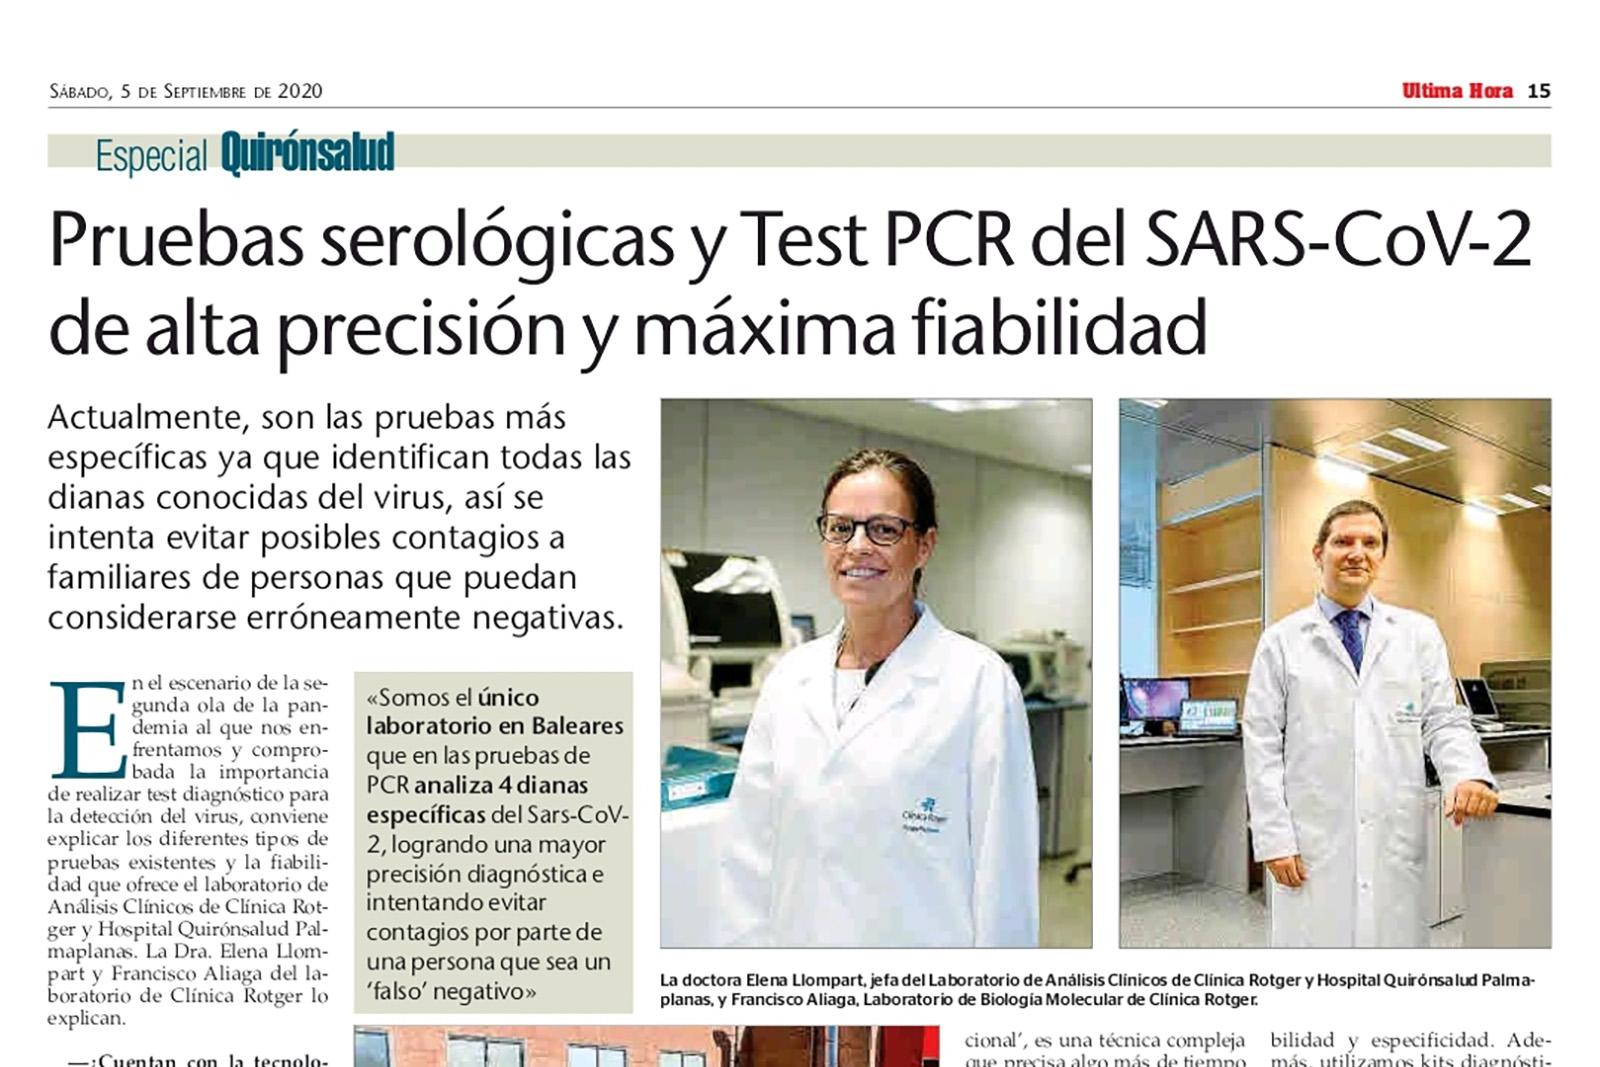 Pruebas serológicas y Test PCR del SARS-CoV-2 de alta precisión y máxima fiabilidad.